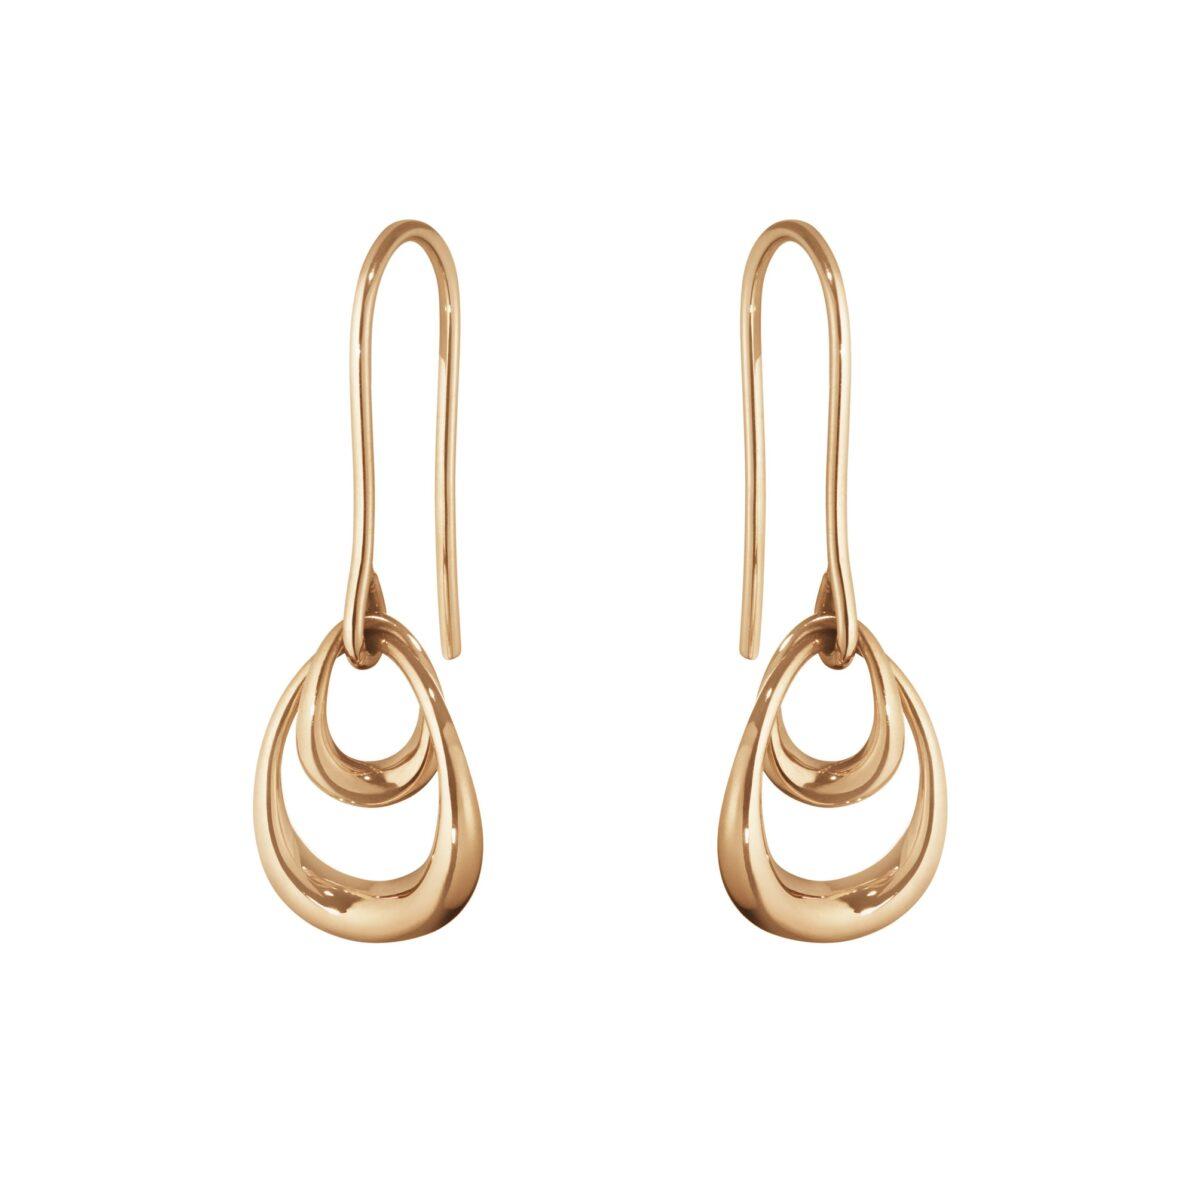 product/1/0/10012171_offspring_earrings_433_rg_jpg_max_3000x3000_423927.jpg